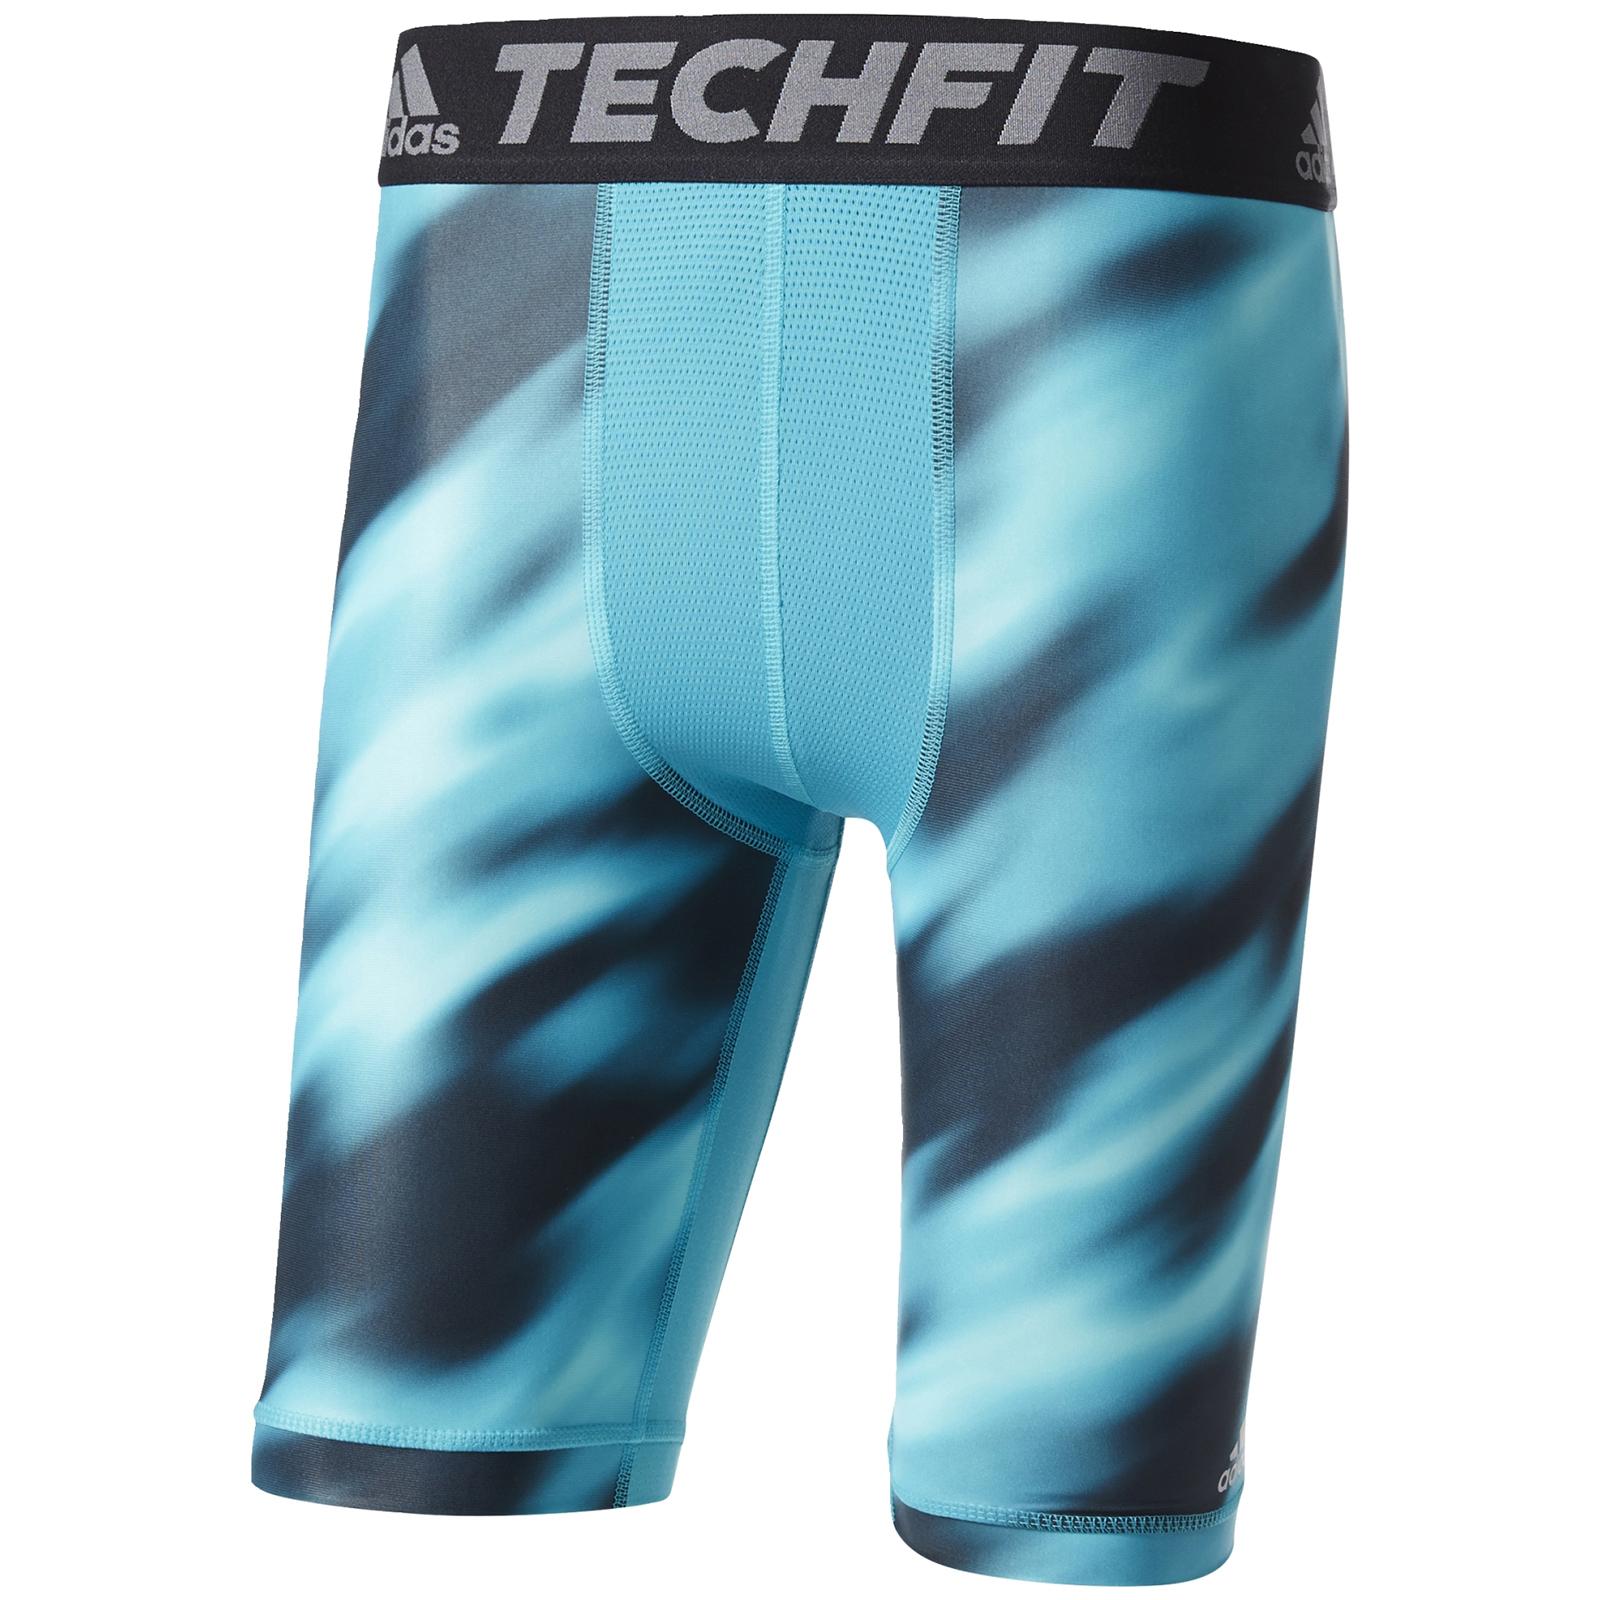 1af65b9660 adidas Men's TechFit Climachill 9